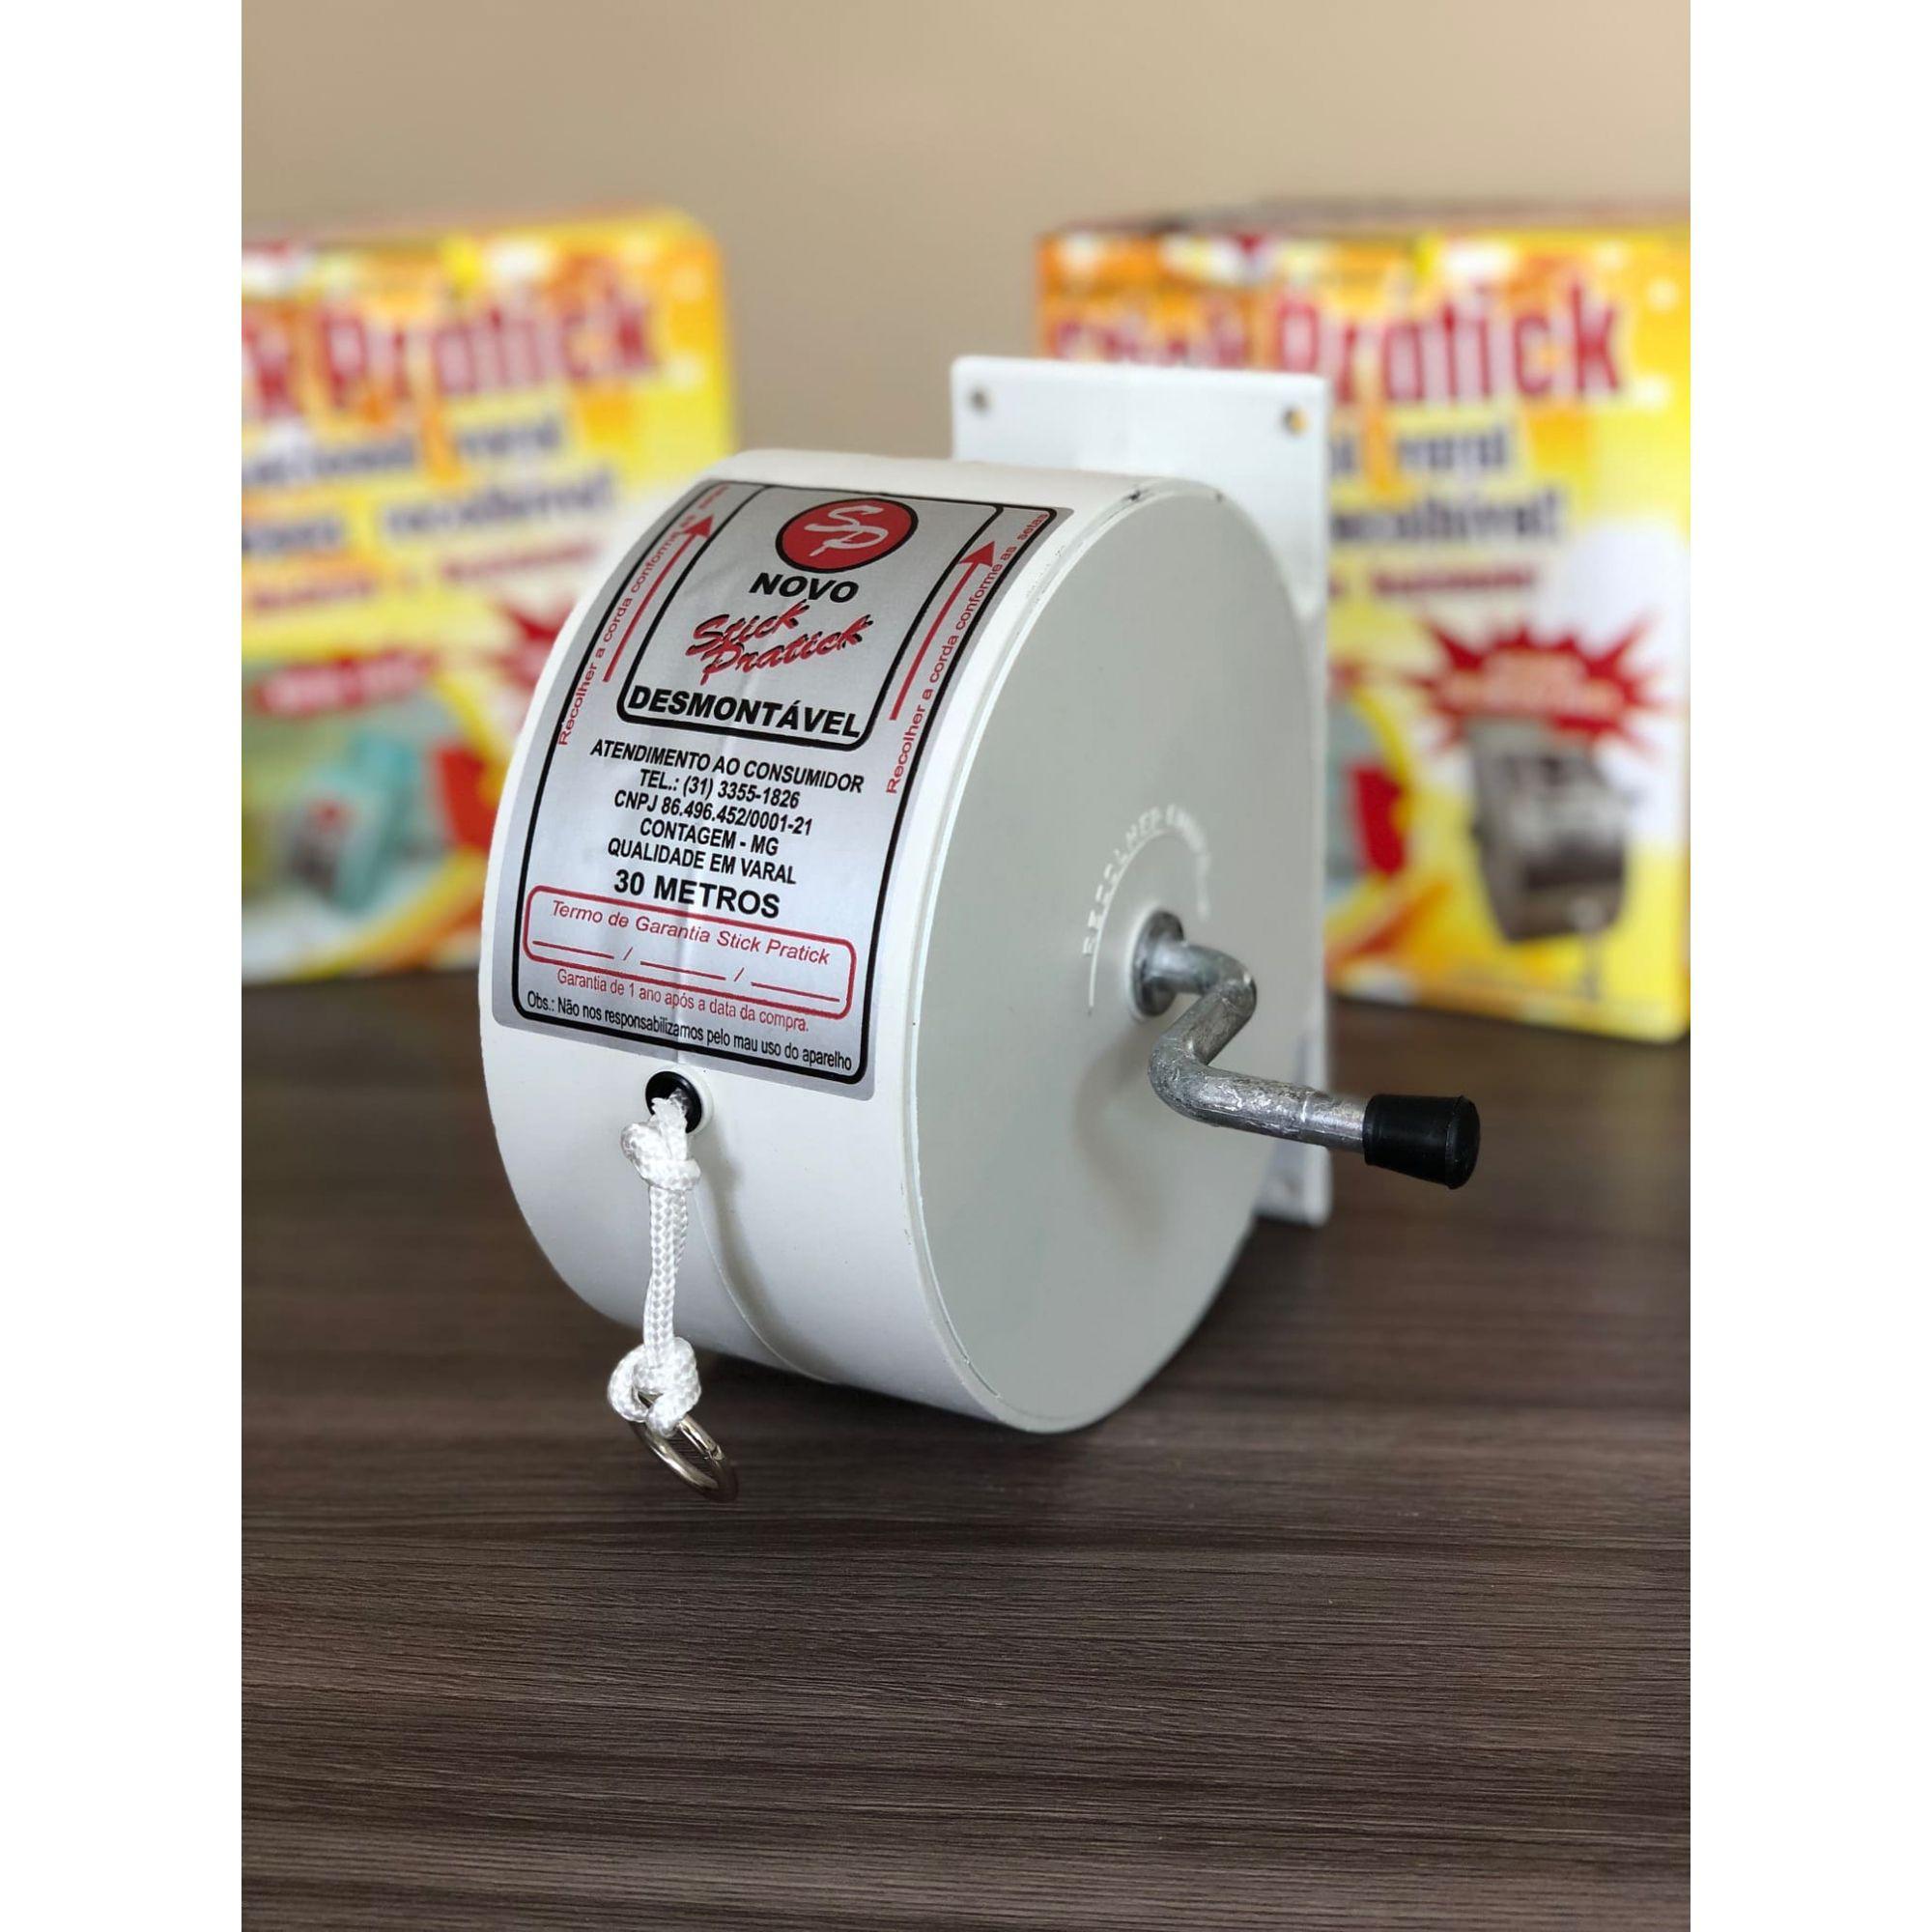 Varal De Parede Retrátil Stick Prátick Automático Recolhível Branco 30M DM Interiores